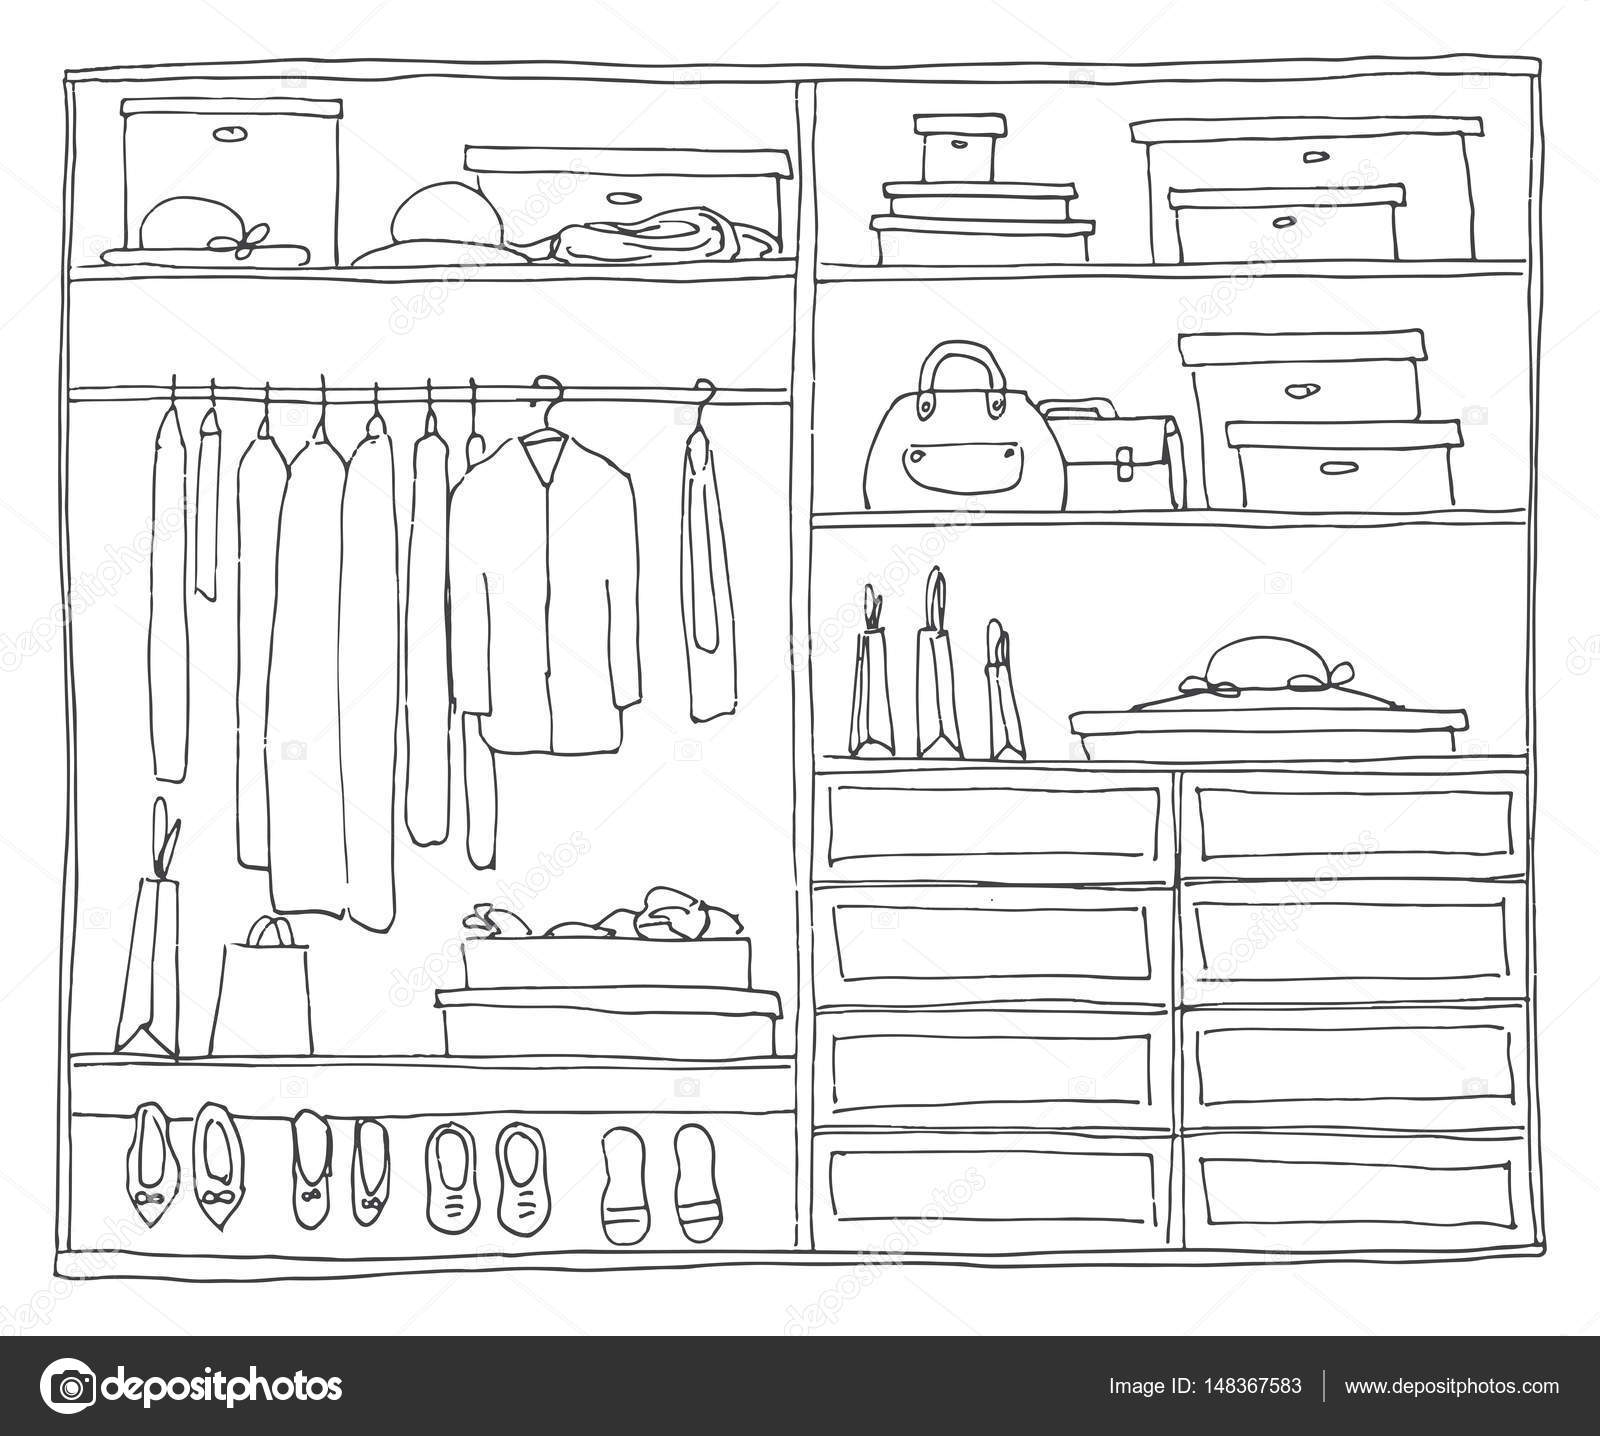 Artesanato Indigena Brasileiro ~ Armario abierto con estantes y colgadores de ropa Ilustración de vector de un estilo de dibujo